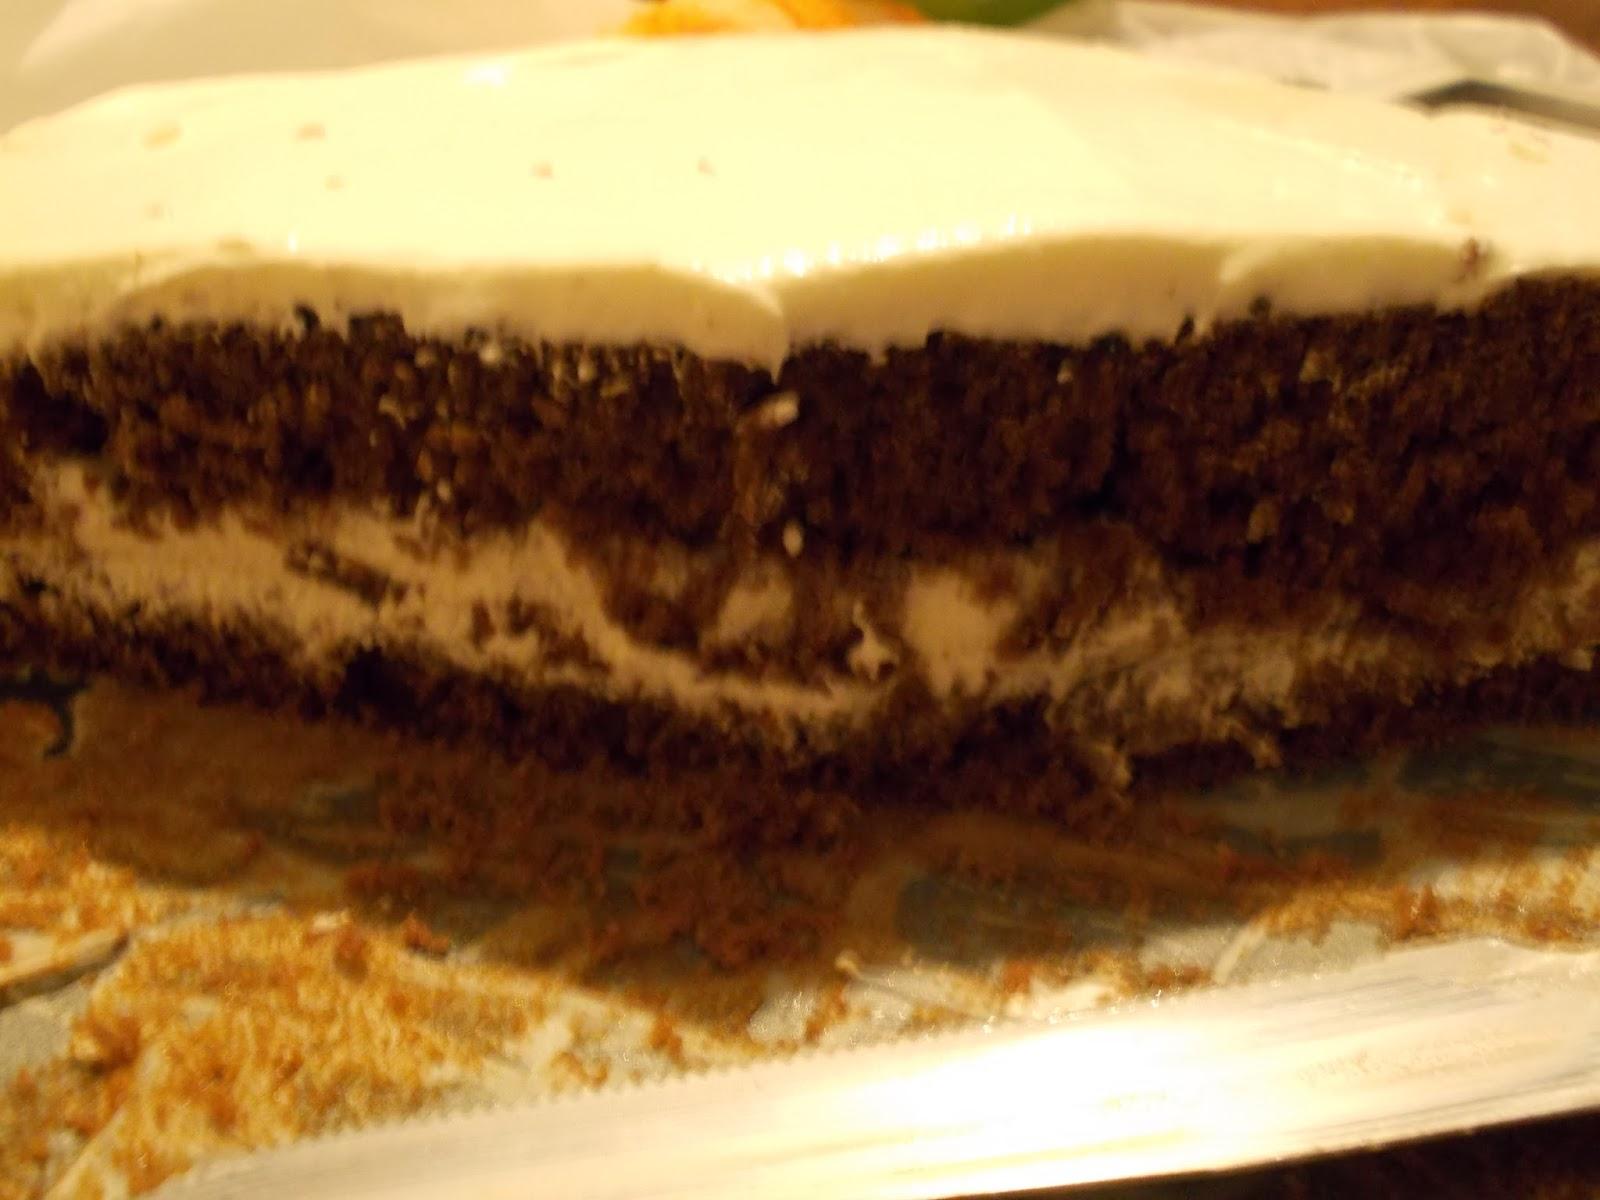 la merenda e' servita...torta moretta farcita con crema al latte